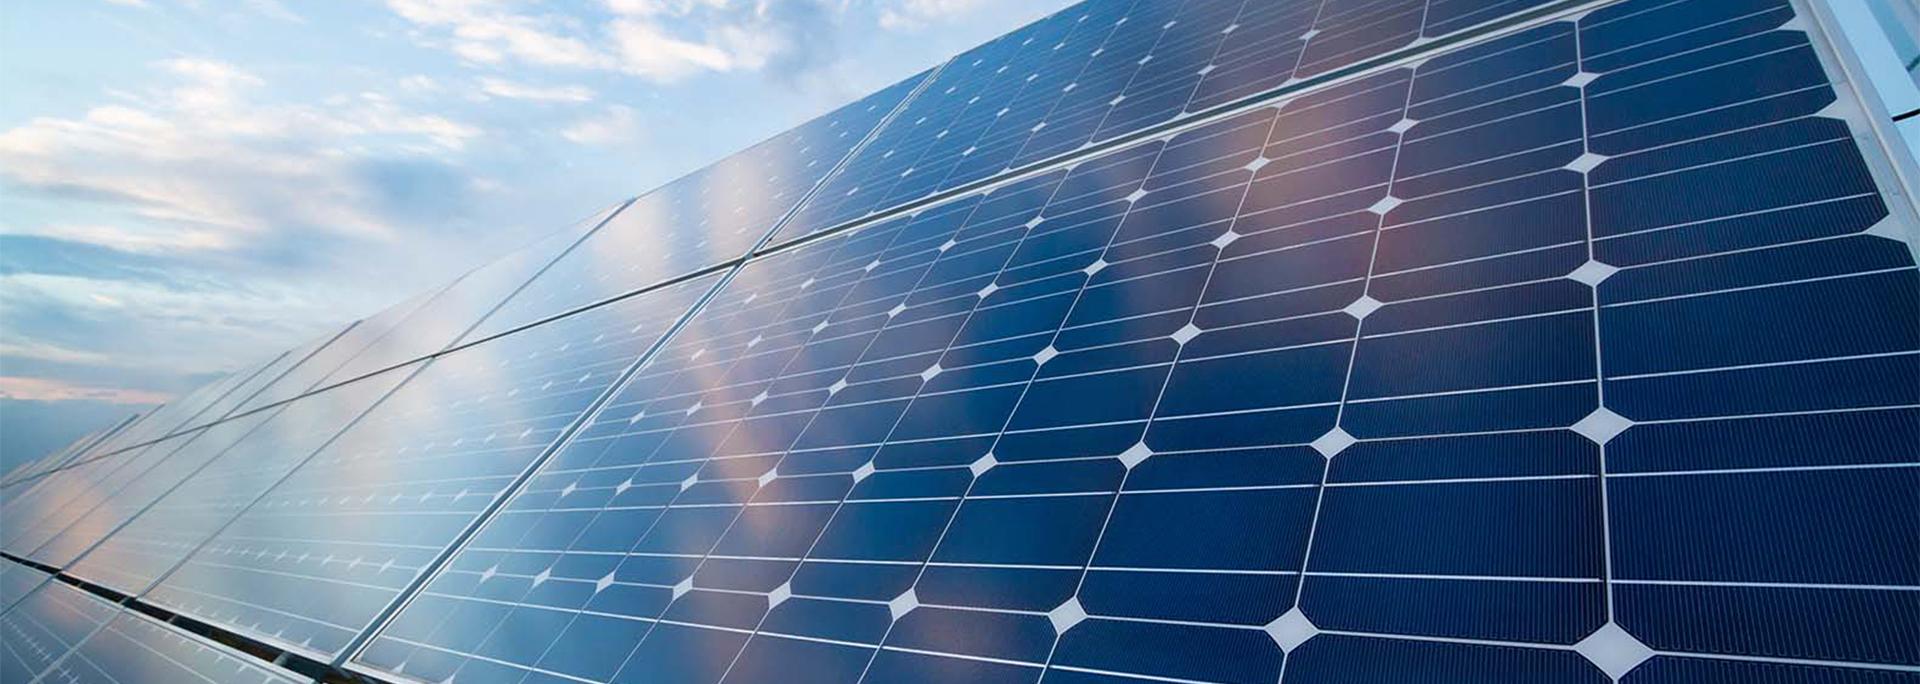 ديم سولار لأنظمة الطاقة المتجددة